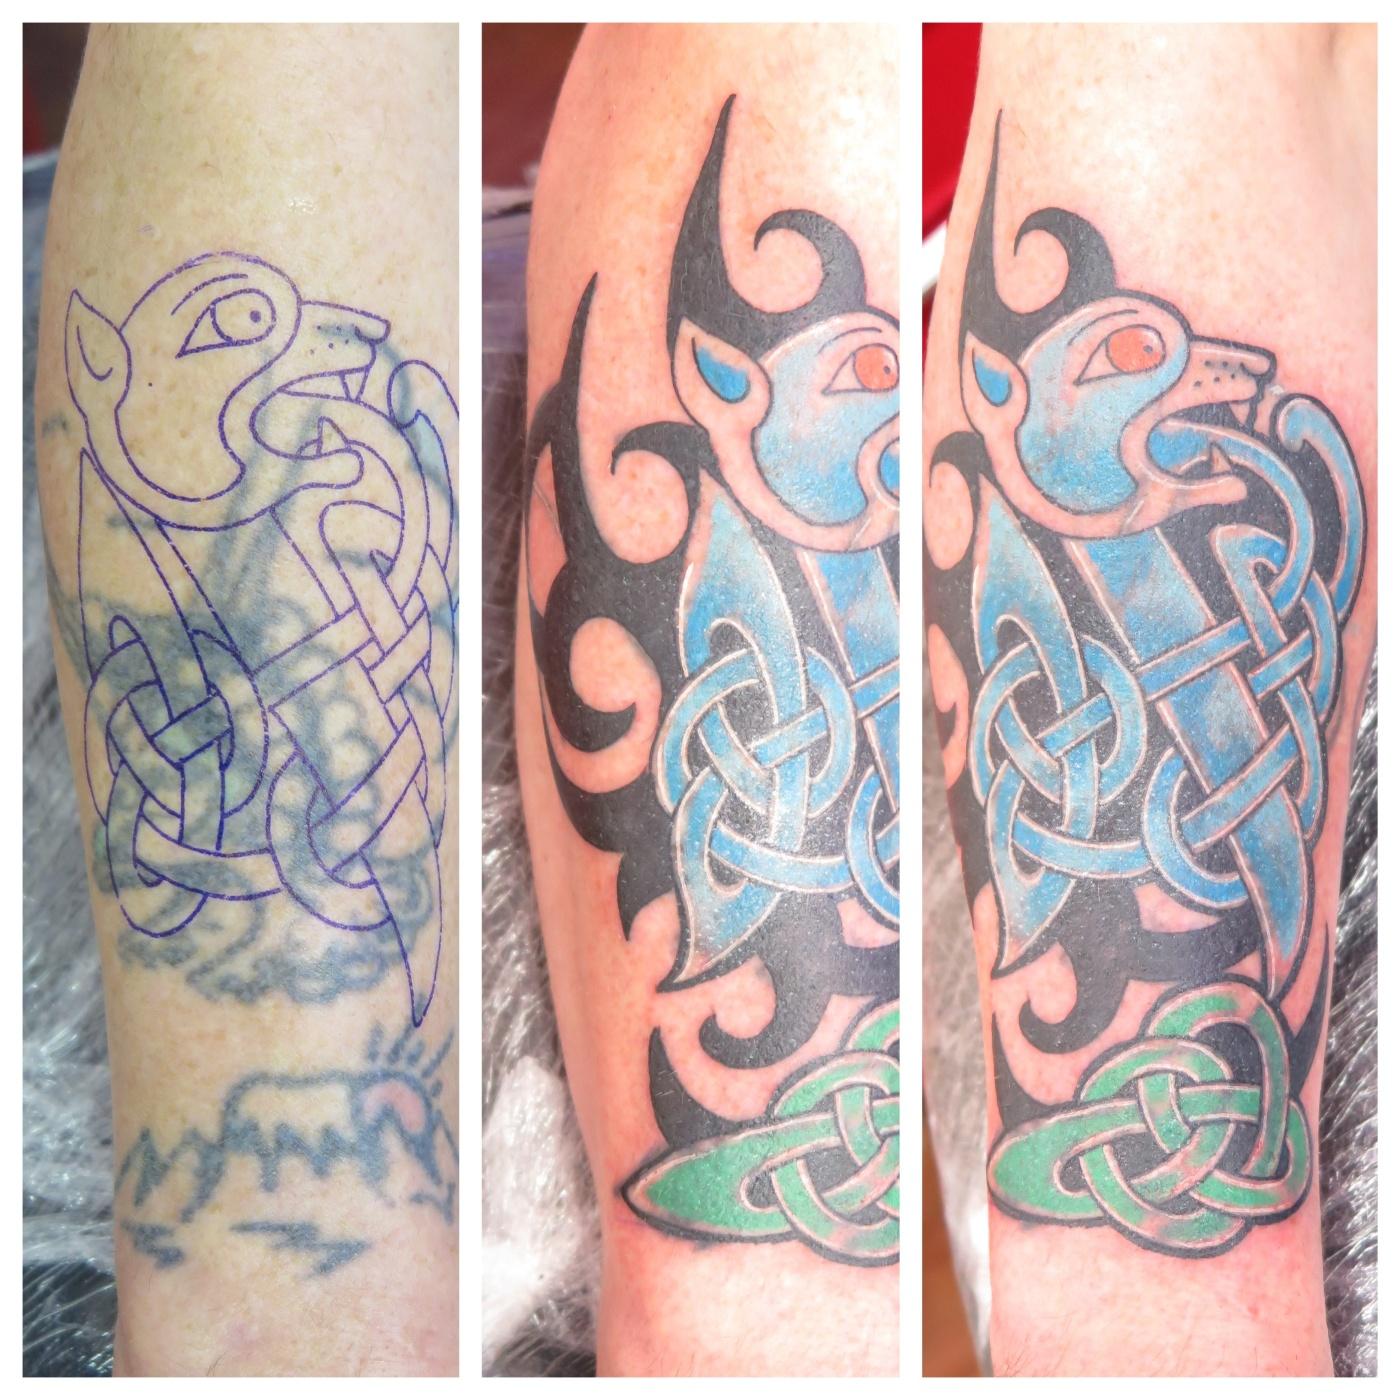 Irish Street Tattoo Celtic Cover Up Irish St Tattoo